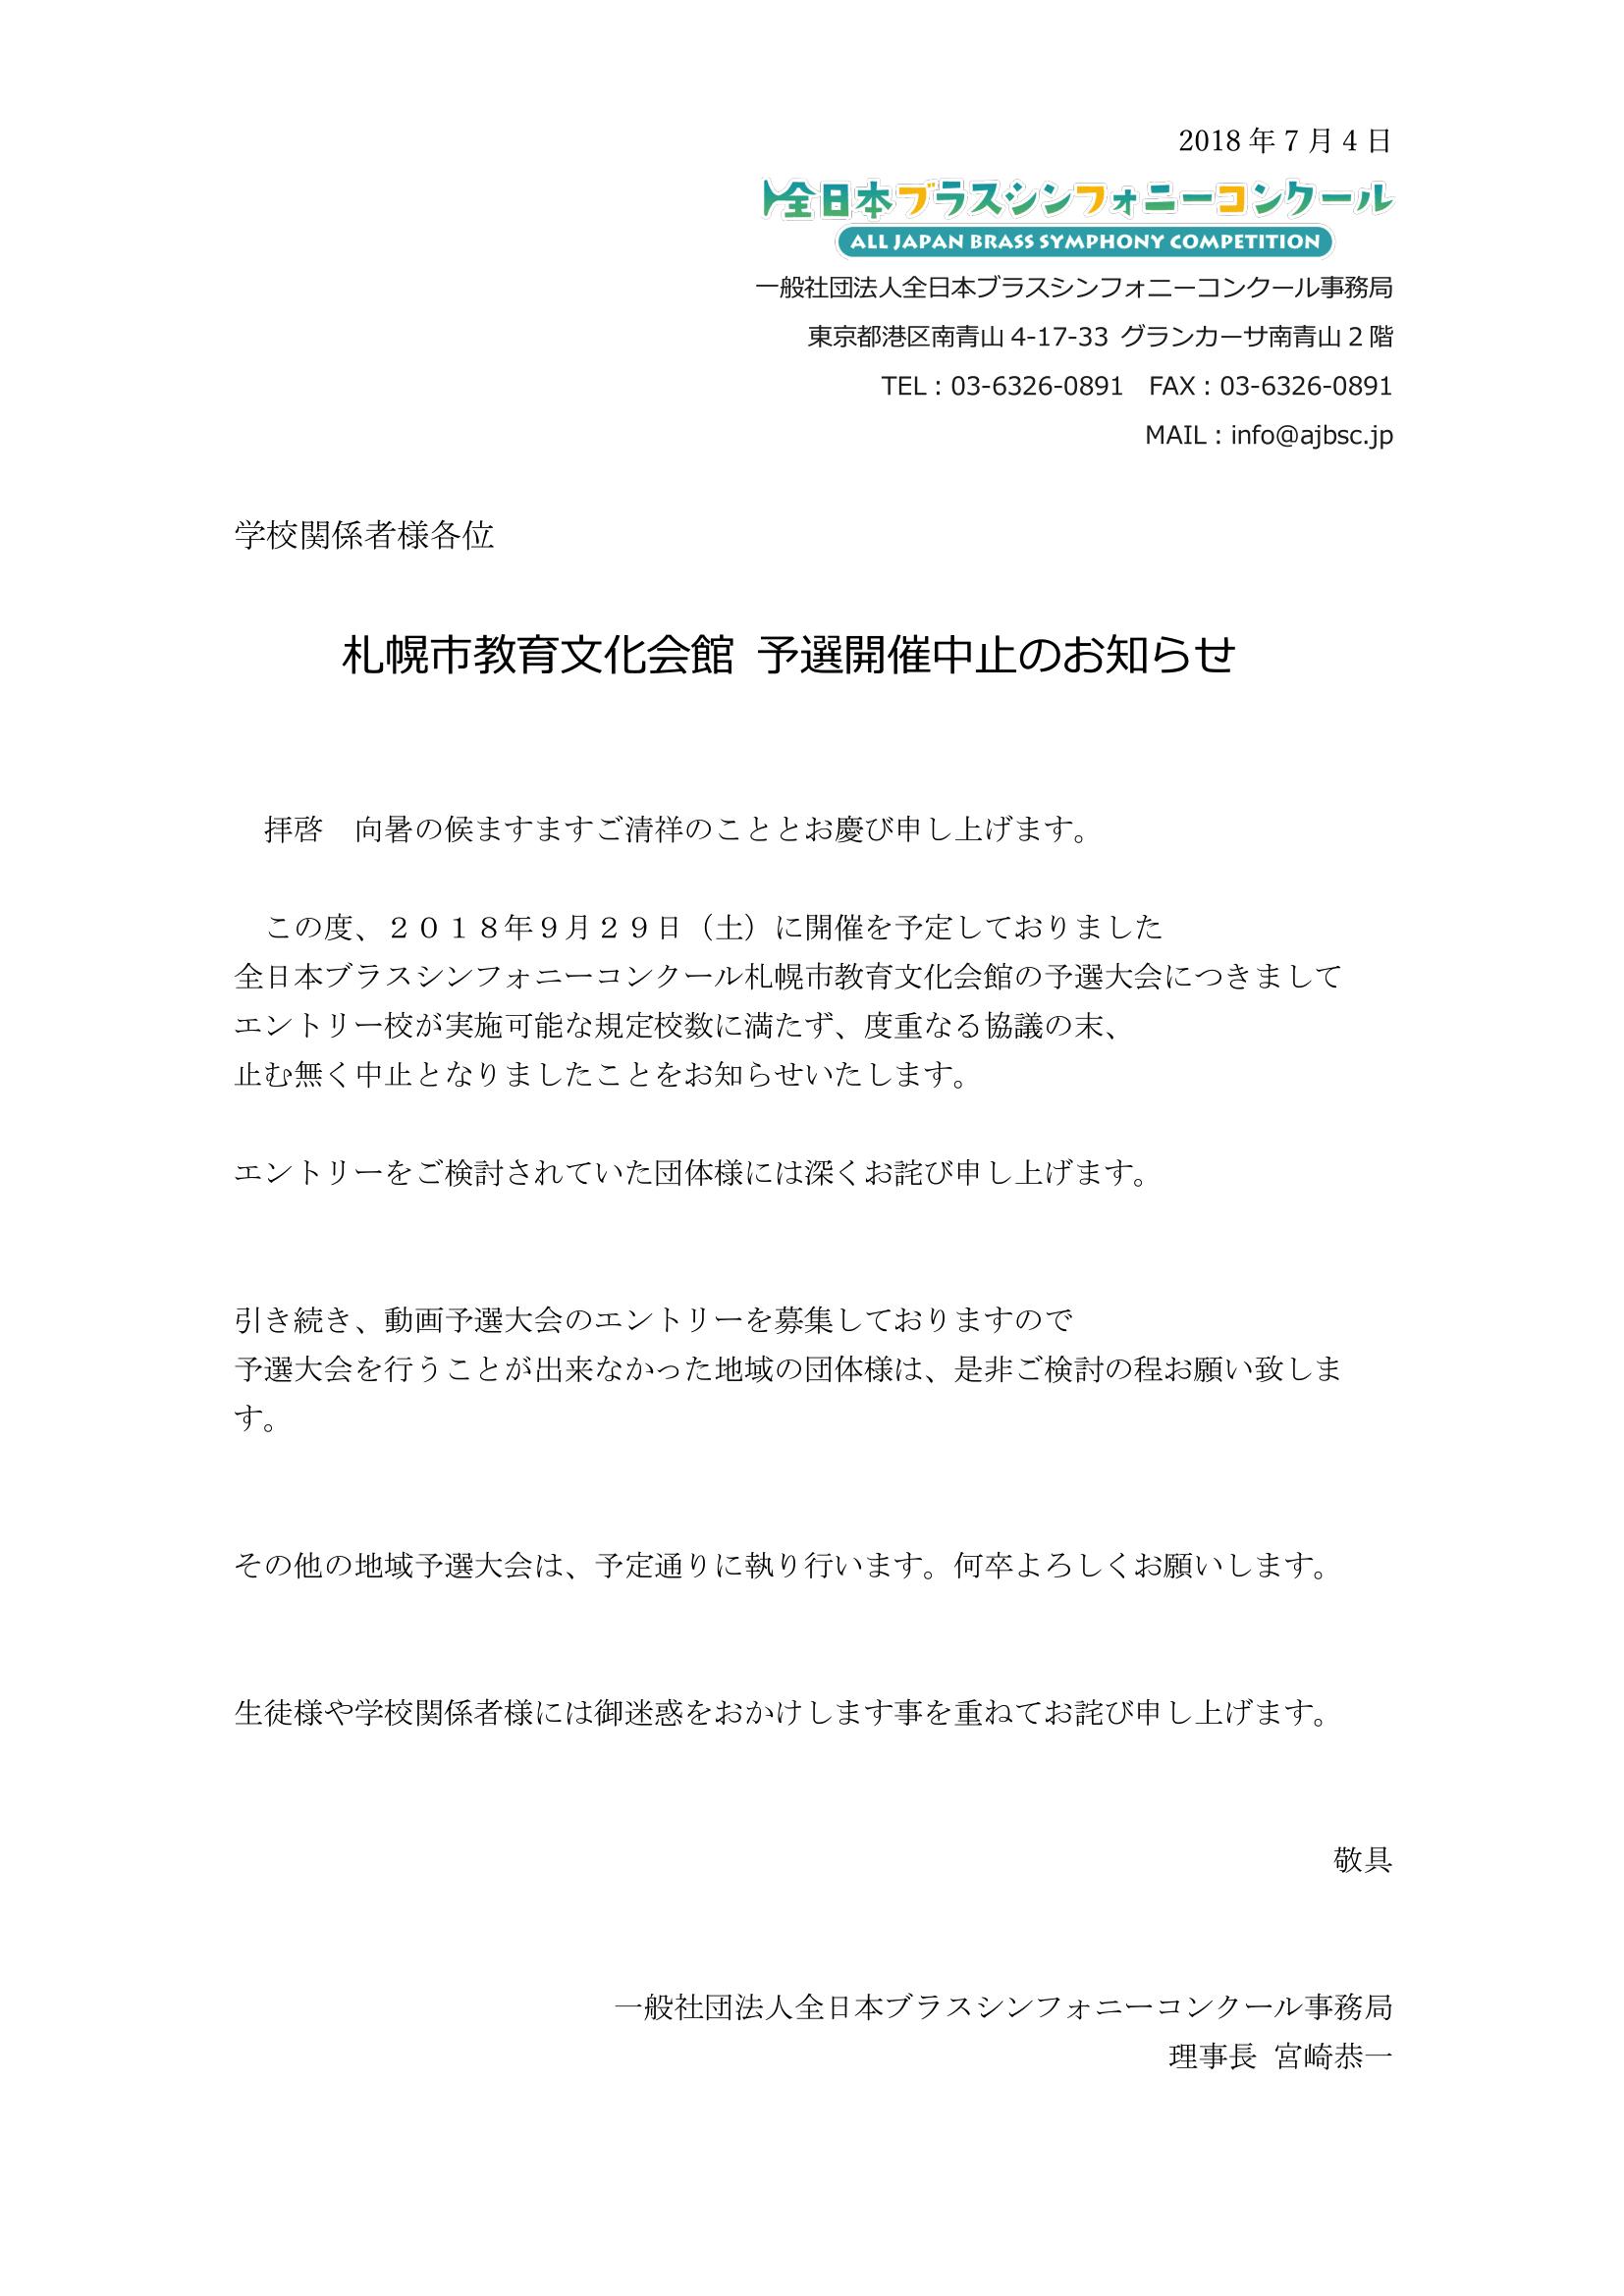 札幌予選大会中止について